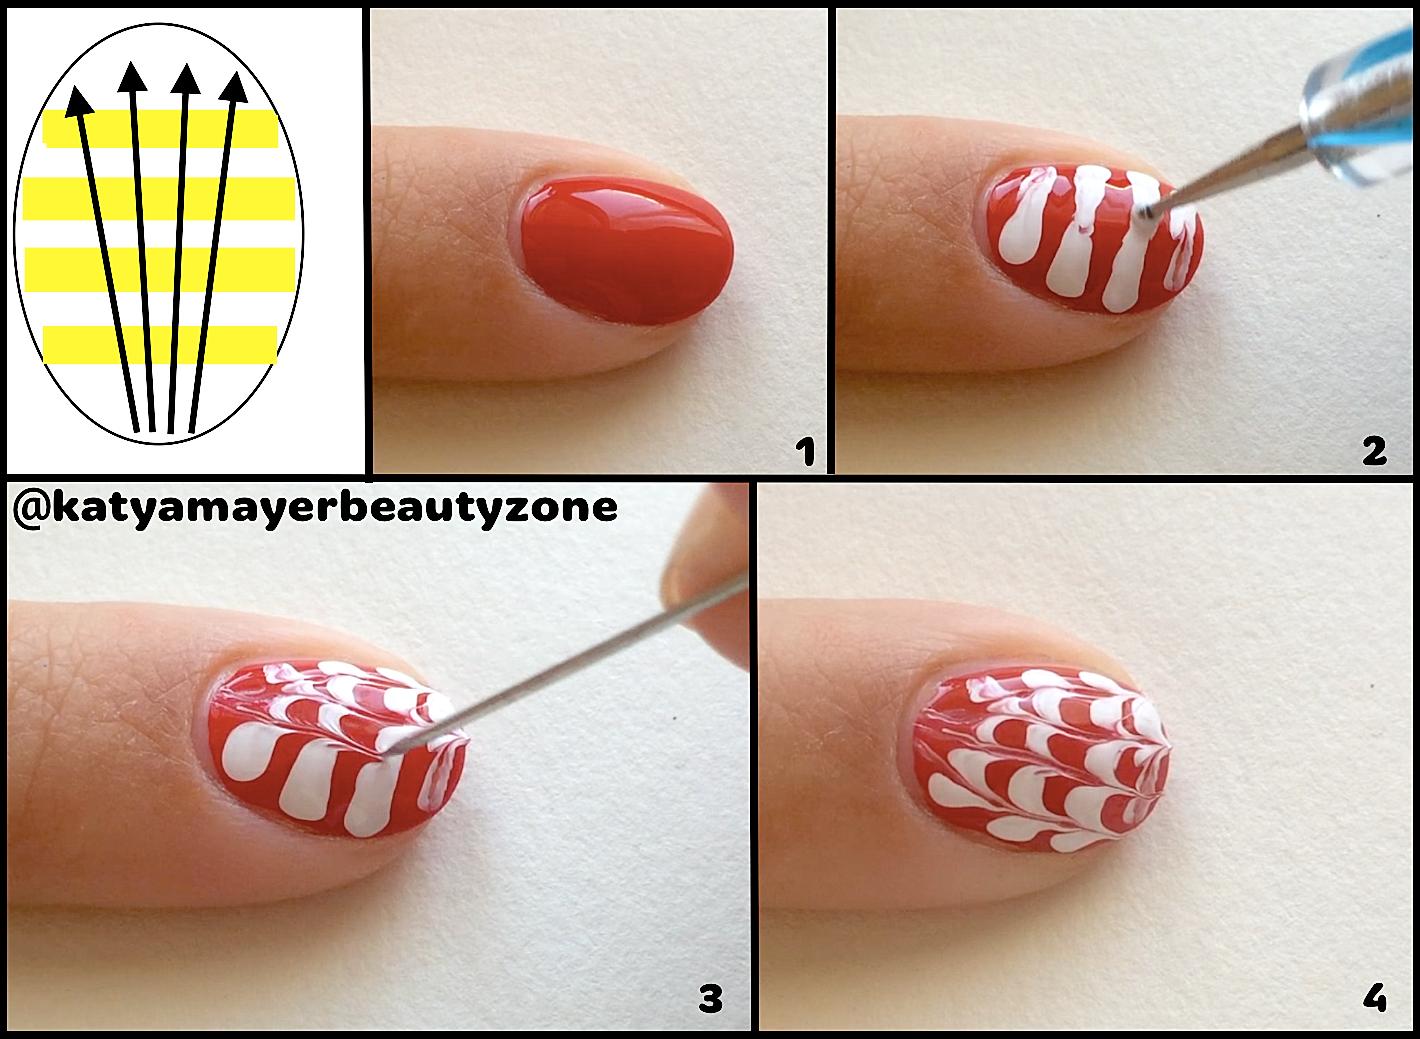 Как сделать рисунки шеллаком на ногтях? Фото и дизайны 76